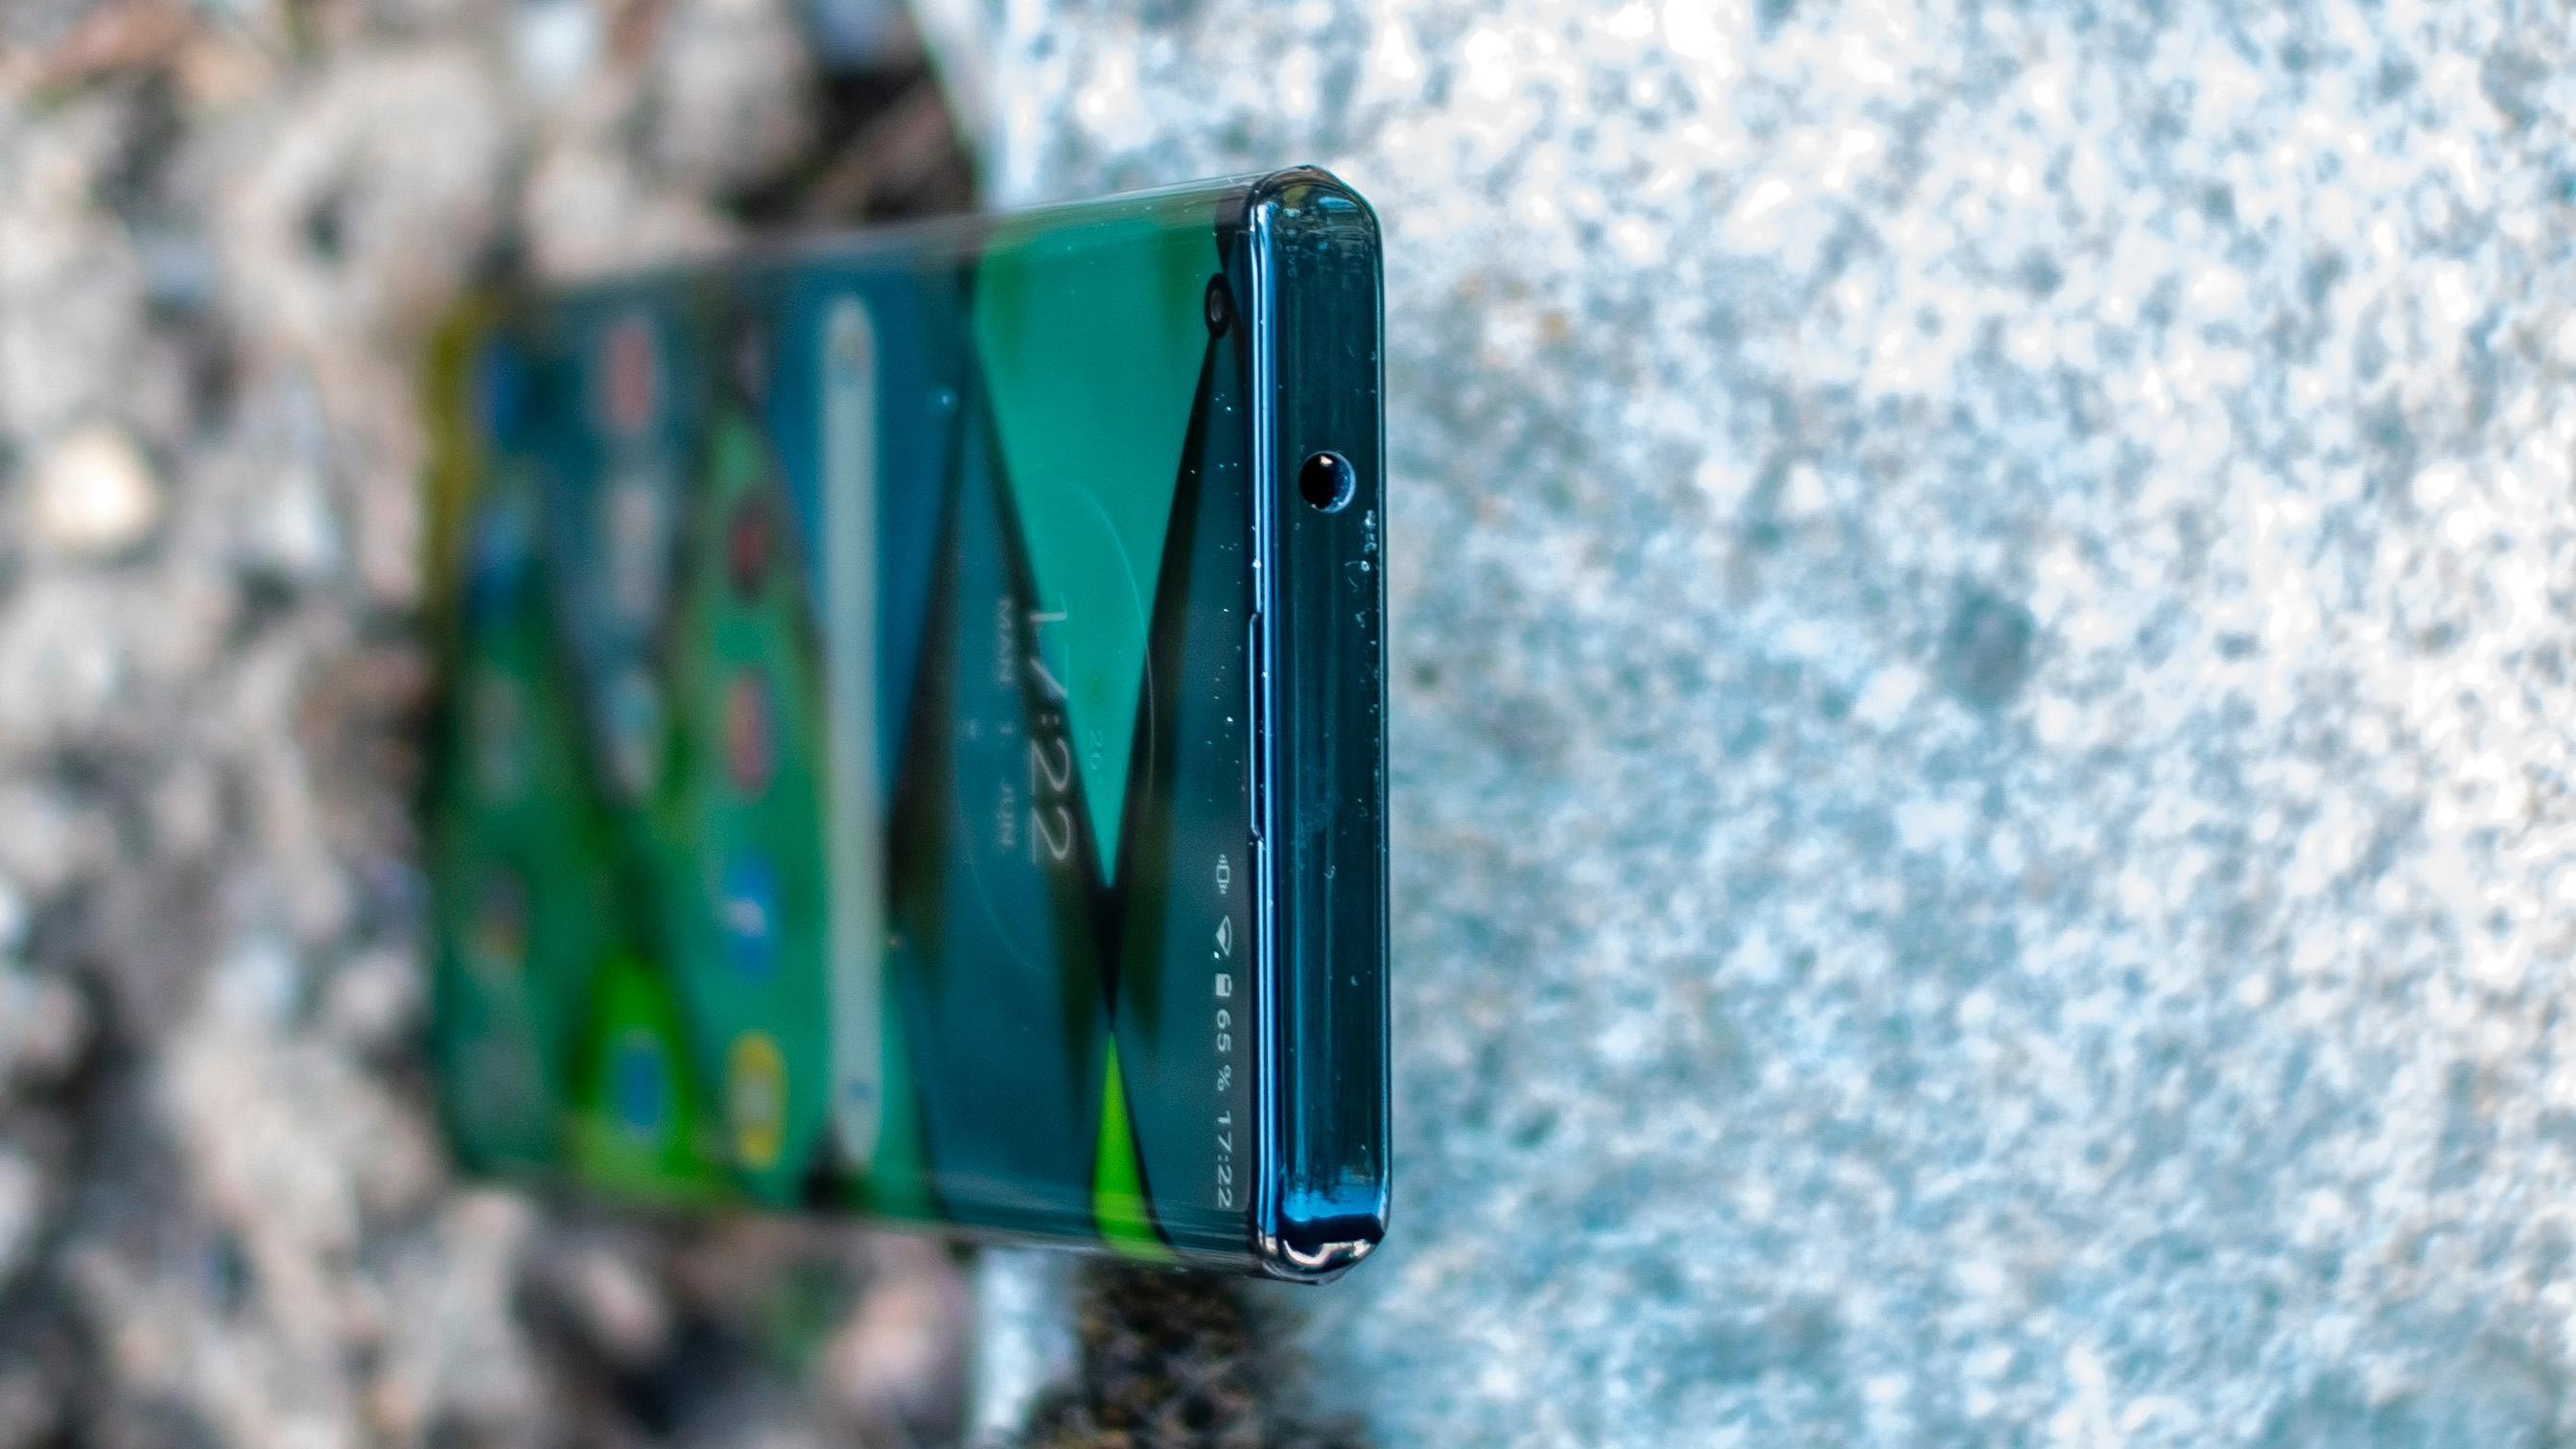 Ser du 'an? Den vesle hodetelefonkontakten er en truet dyreart nå, men både Moto Edge+ og Sonys Xperia 1ii er utstyrt med kontakten, så det finnes muligheter for deg som liker kablet lyd.